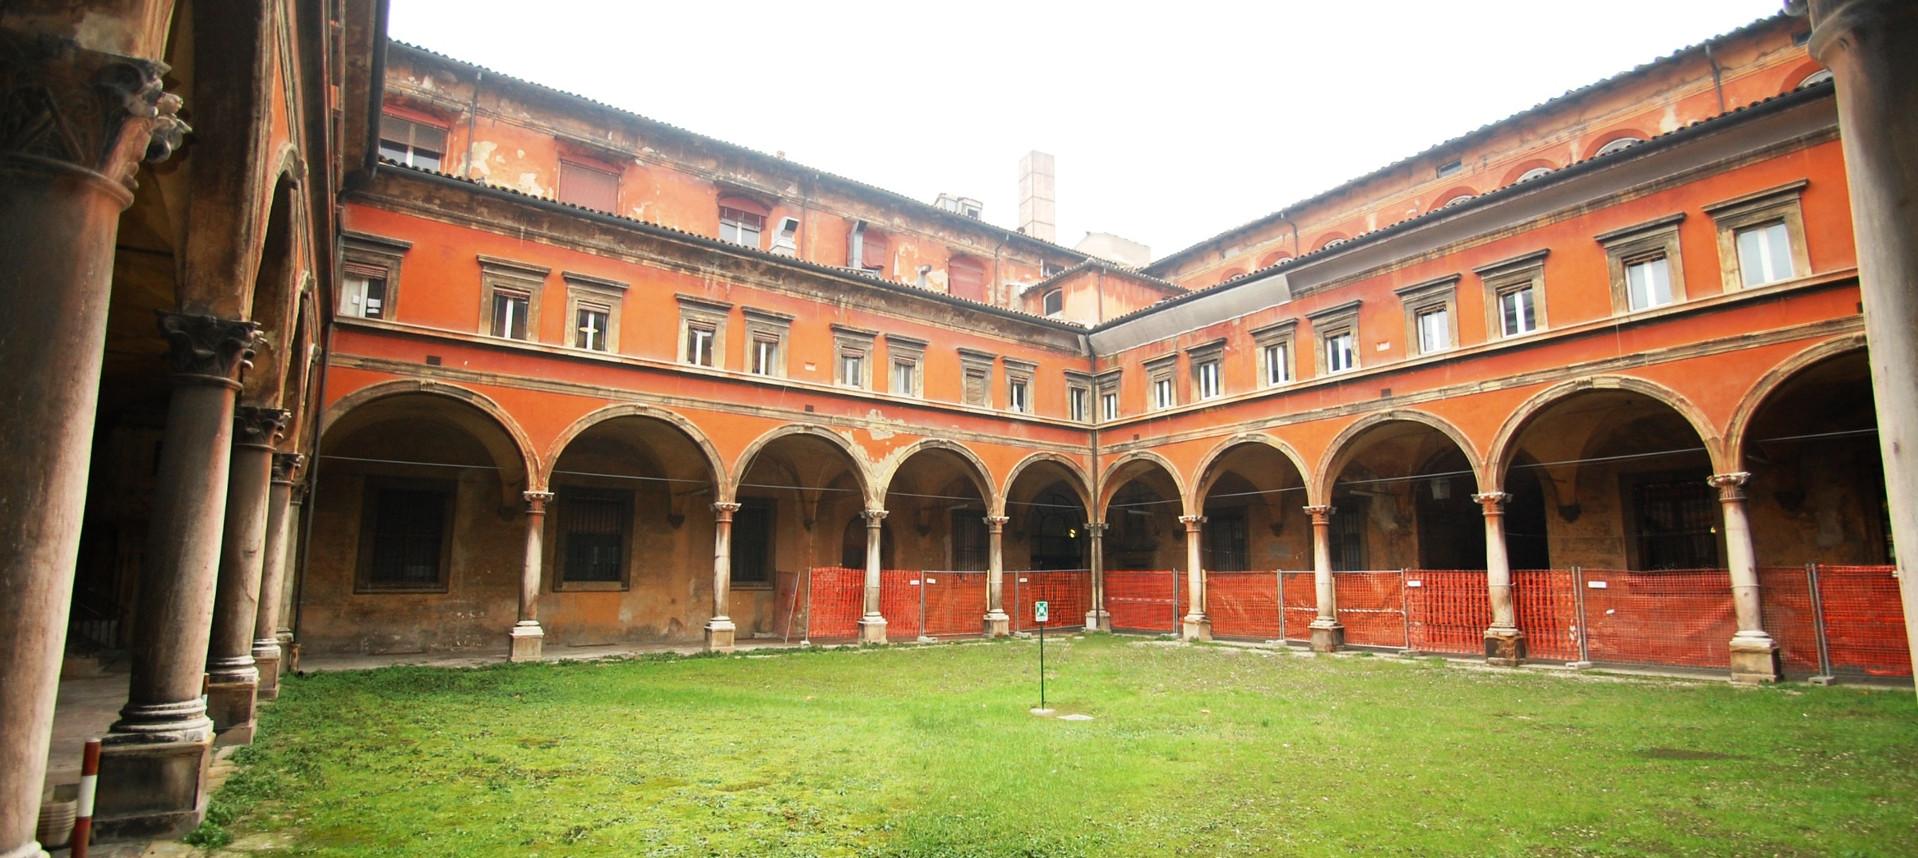 Ex convento di San Procolo a Bologna